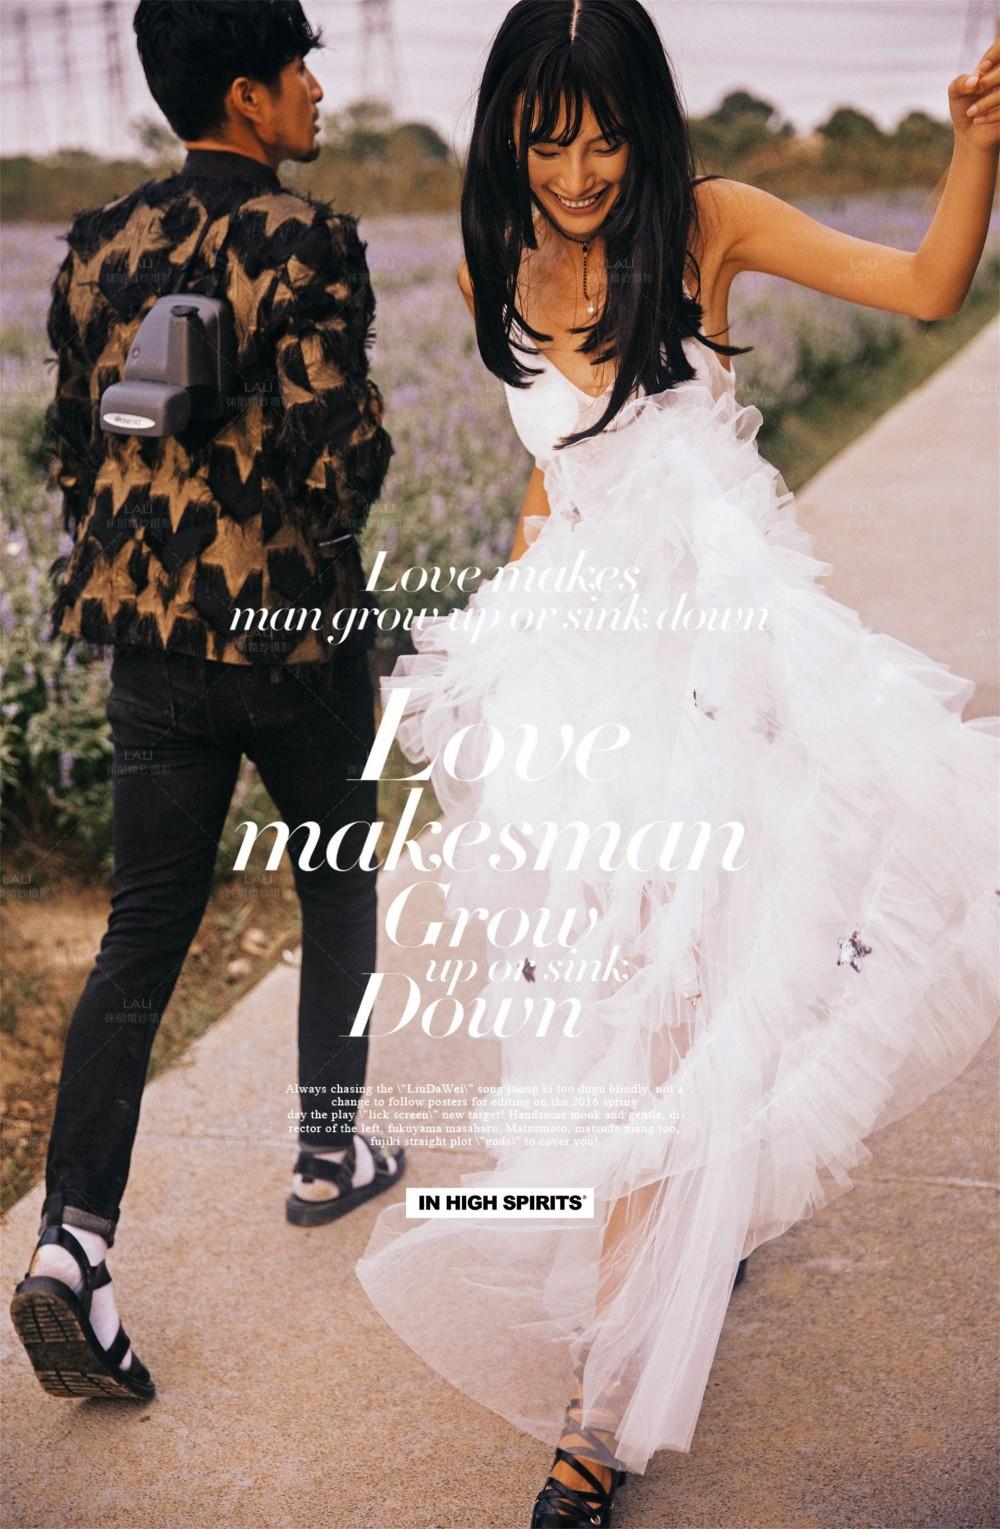 輕婚紗,美式婚紗,韓式婚紗,輕婚紗推薦2019,輕婚紗2020